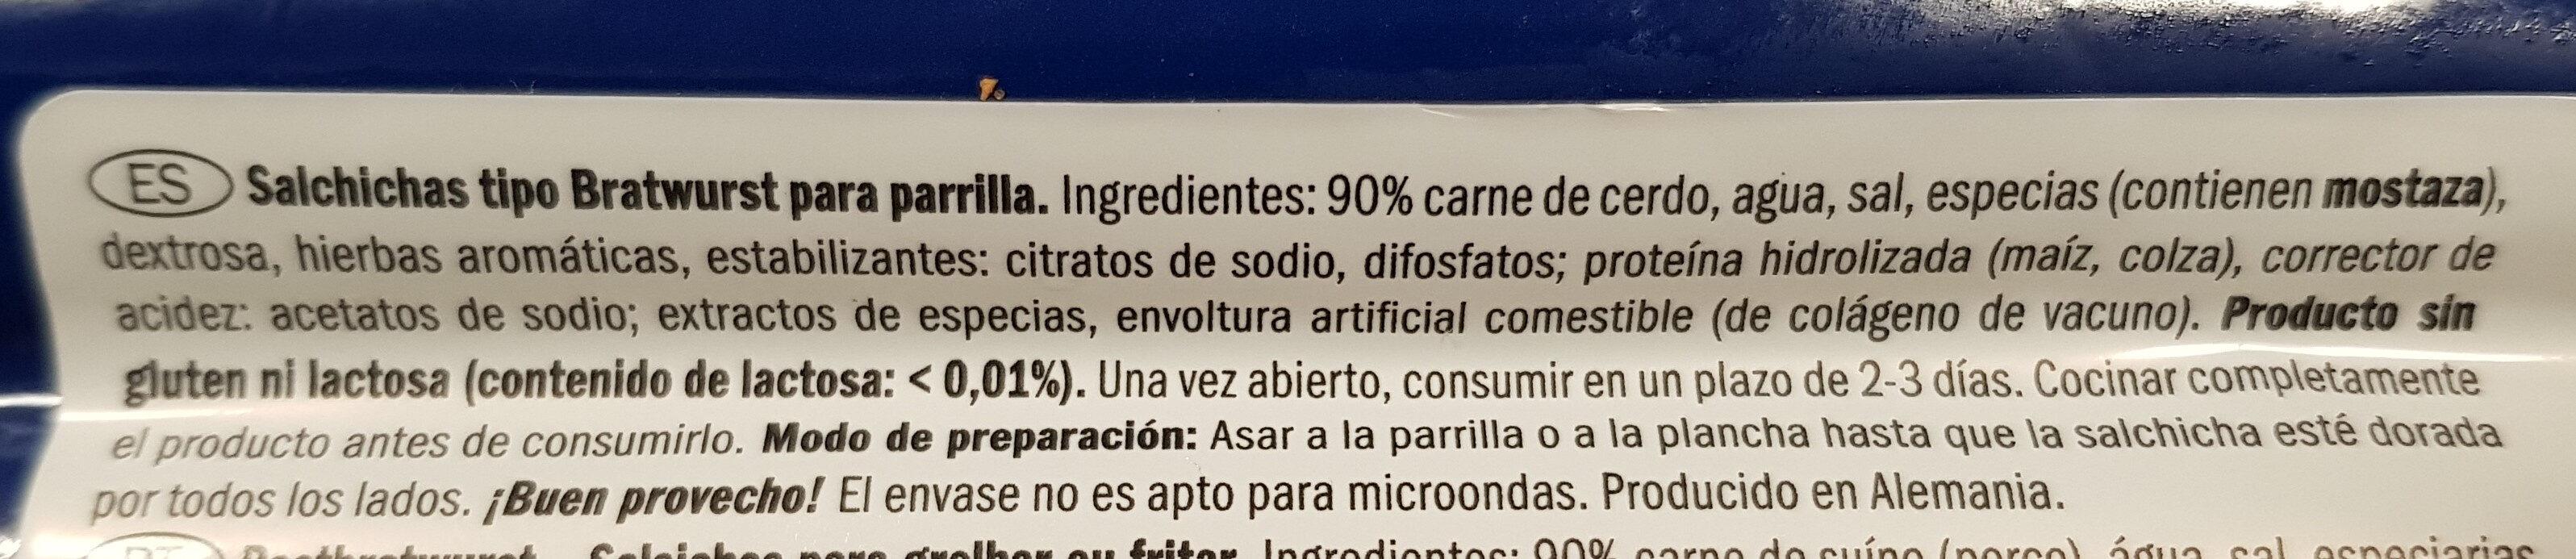 Salchichas tipo Bratwurst - Ingredients - es